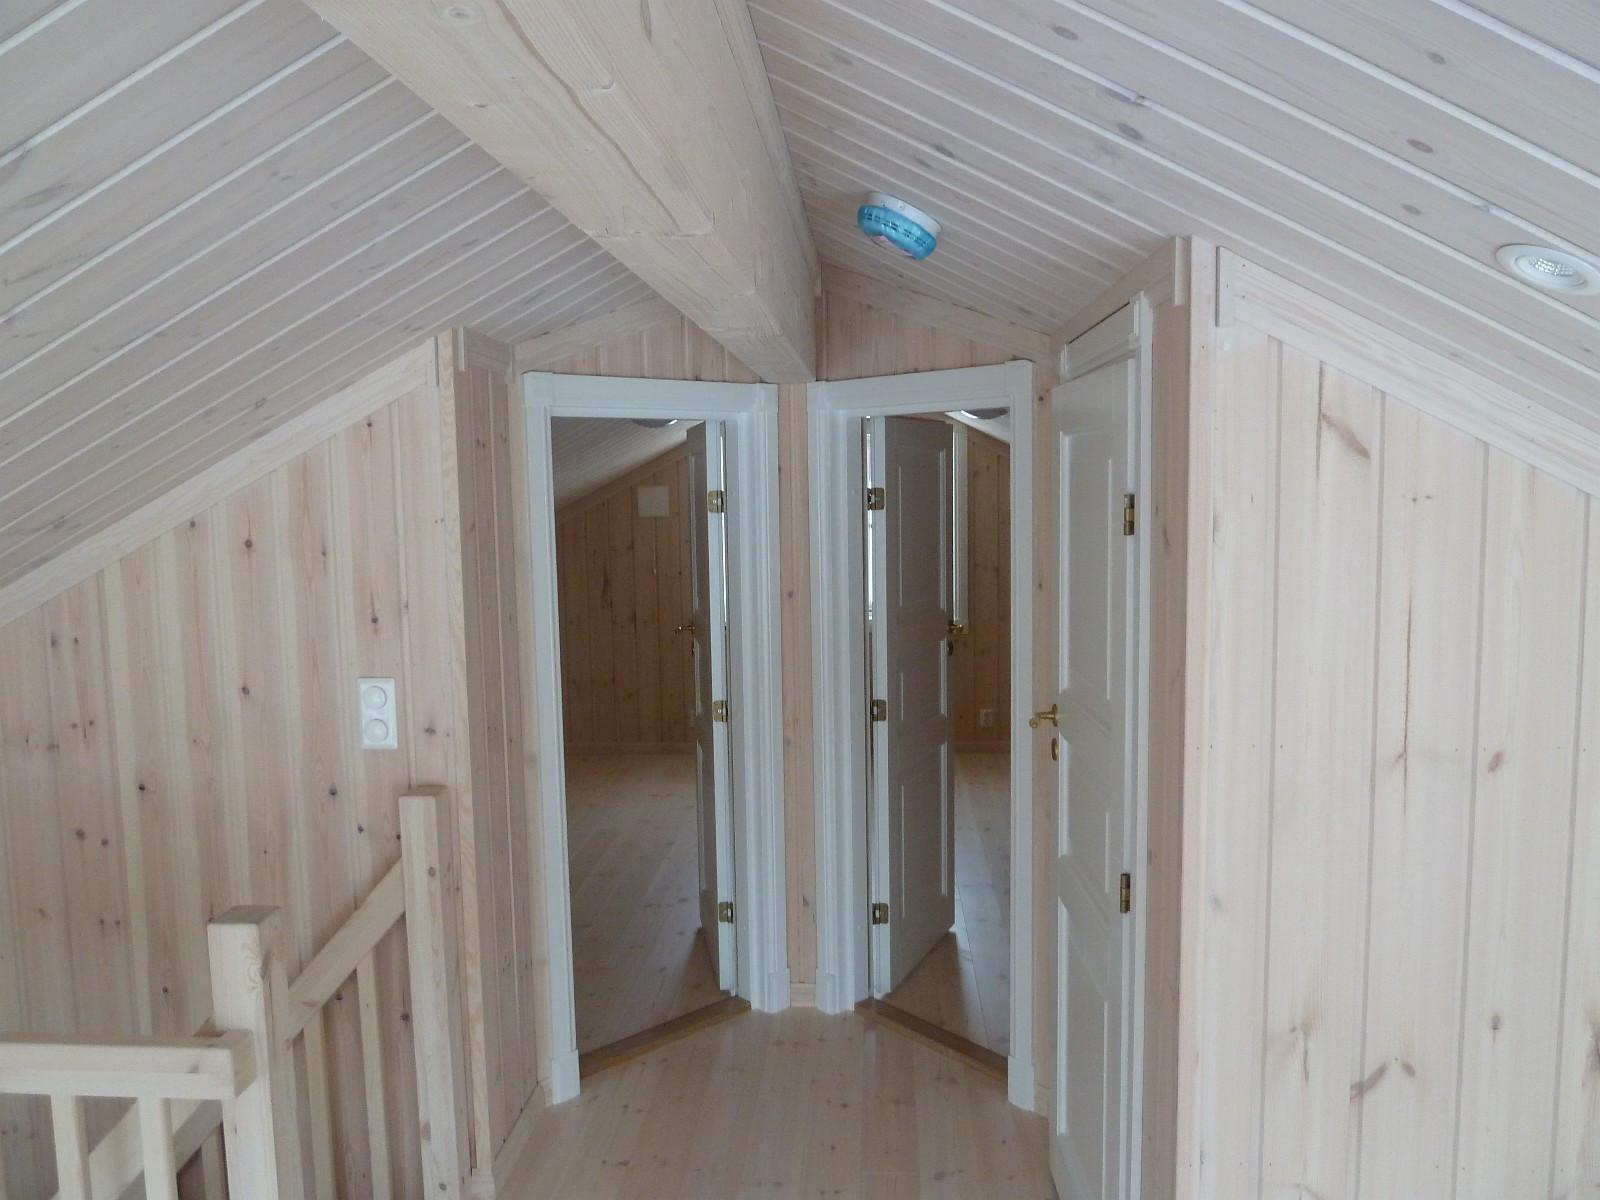 Det er muligheter for å heve hemsen med 30 cm, og bygge hele 6 soverom i denne hytten. Bildene kan vise noen tilvalg.